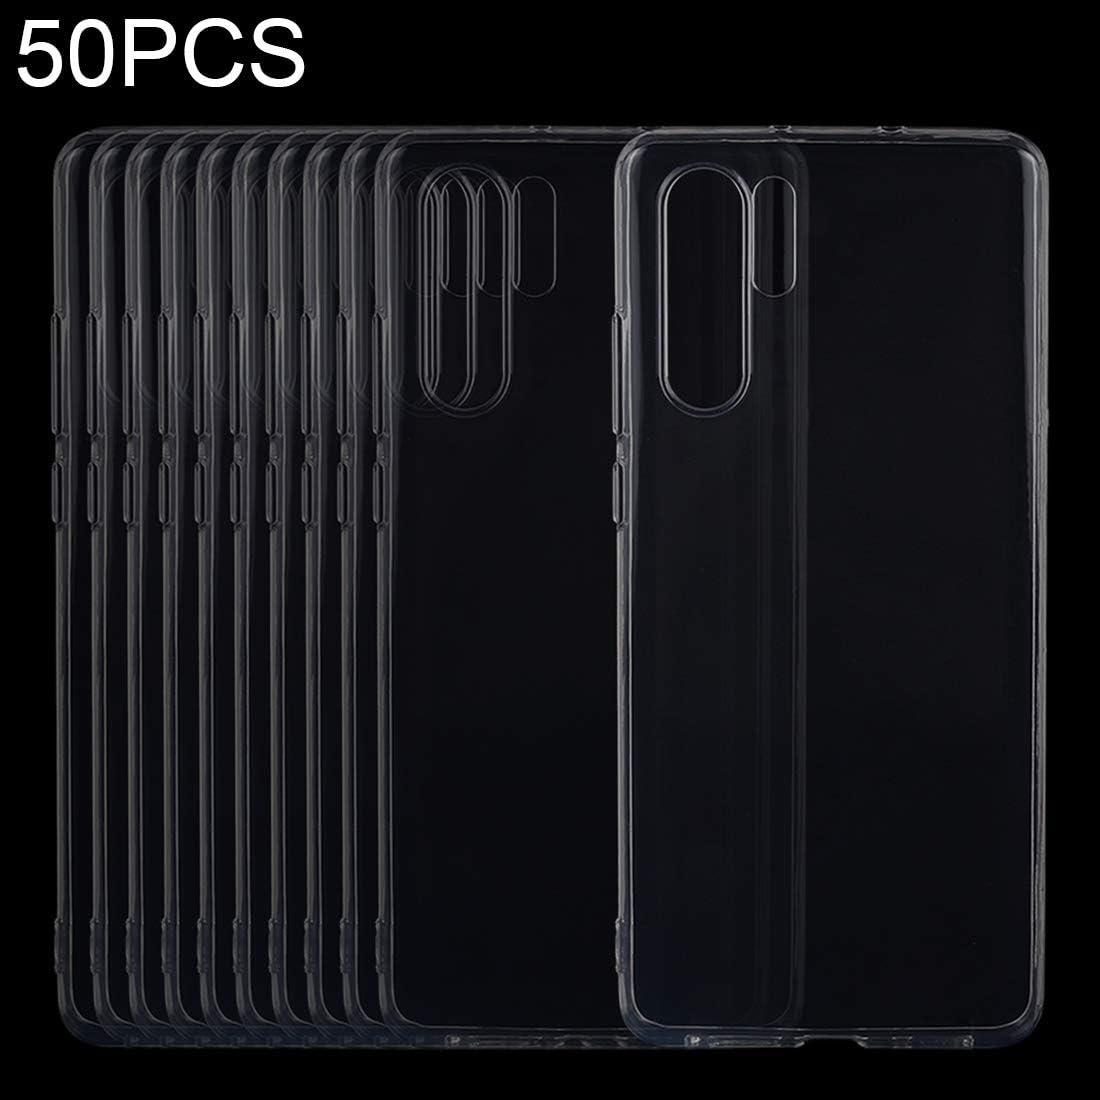 SANHENGMIAO STORE para los Casos y Cubiertas de Huawei 50 PCS 0.75 ...